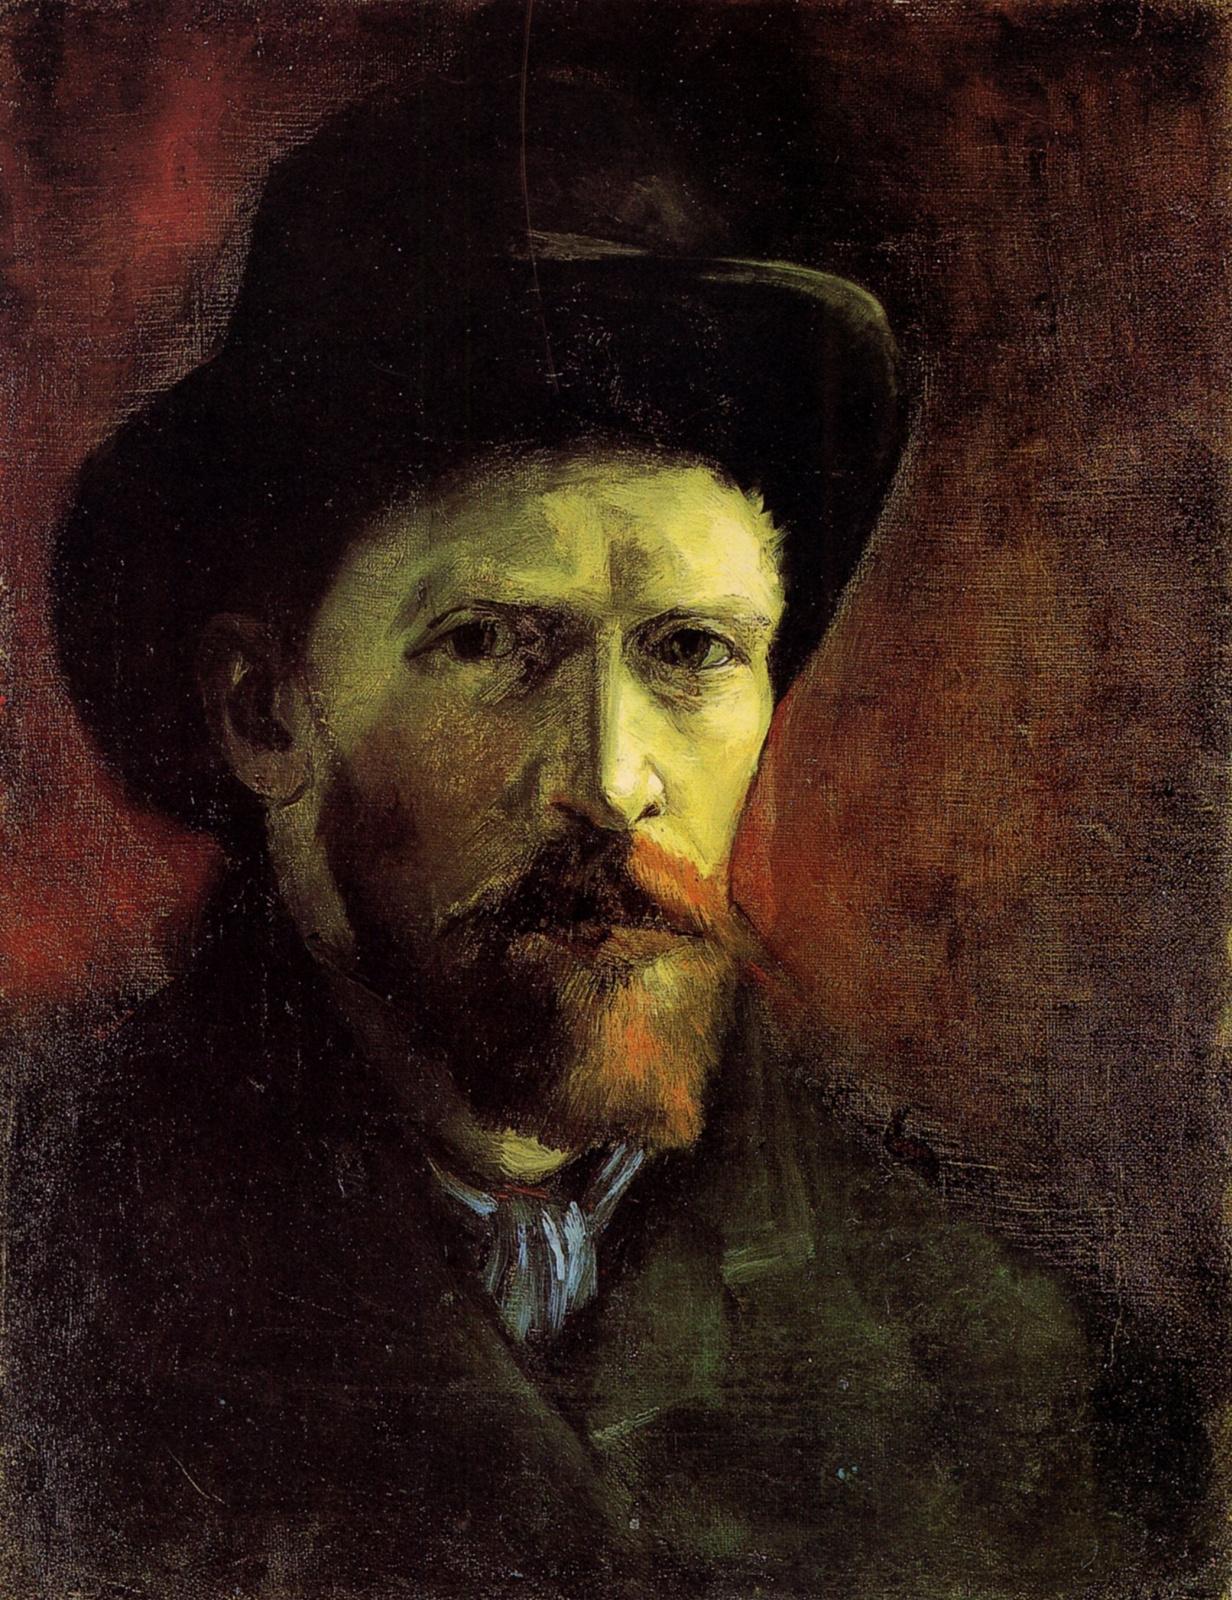 Винсент Ван Гог. Автопортрет в темной фетровой шляпе